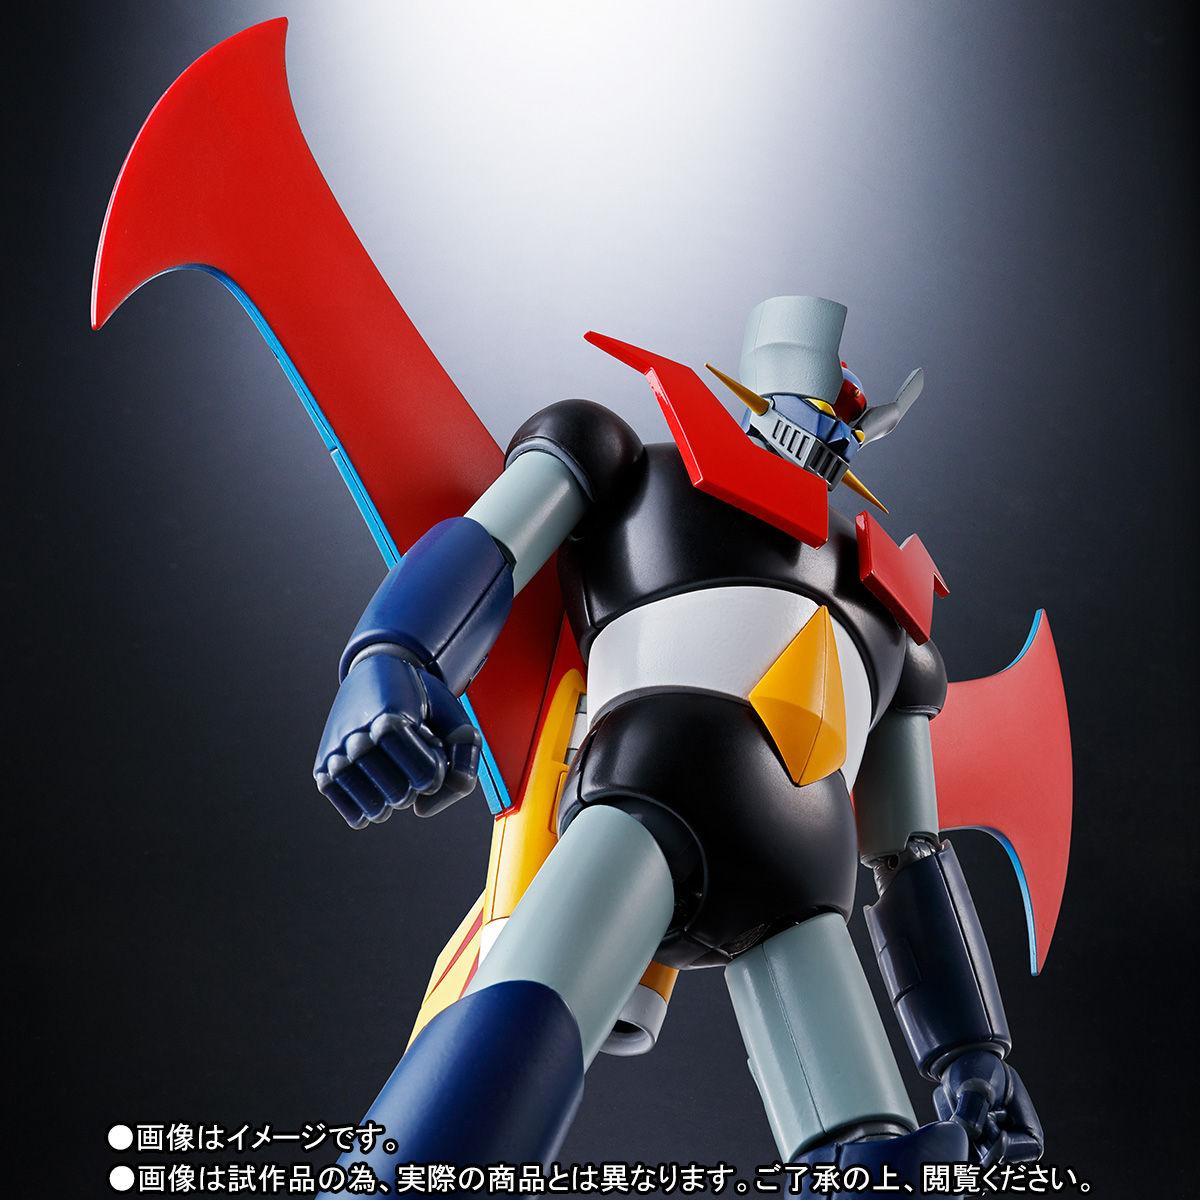 超合金魂 GX-70SP『マジンガーZ D.C. アニメカラーバージョン』可動フィギュア-002